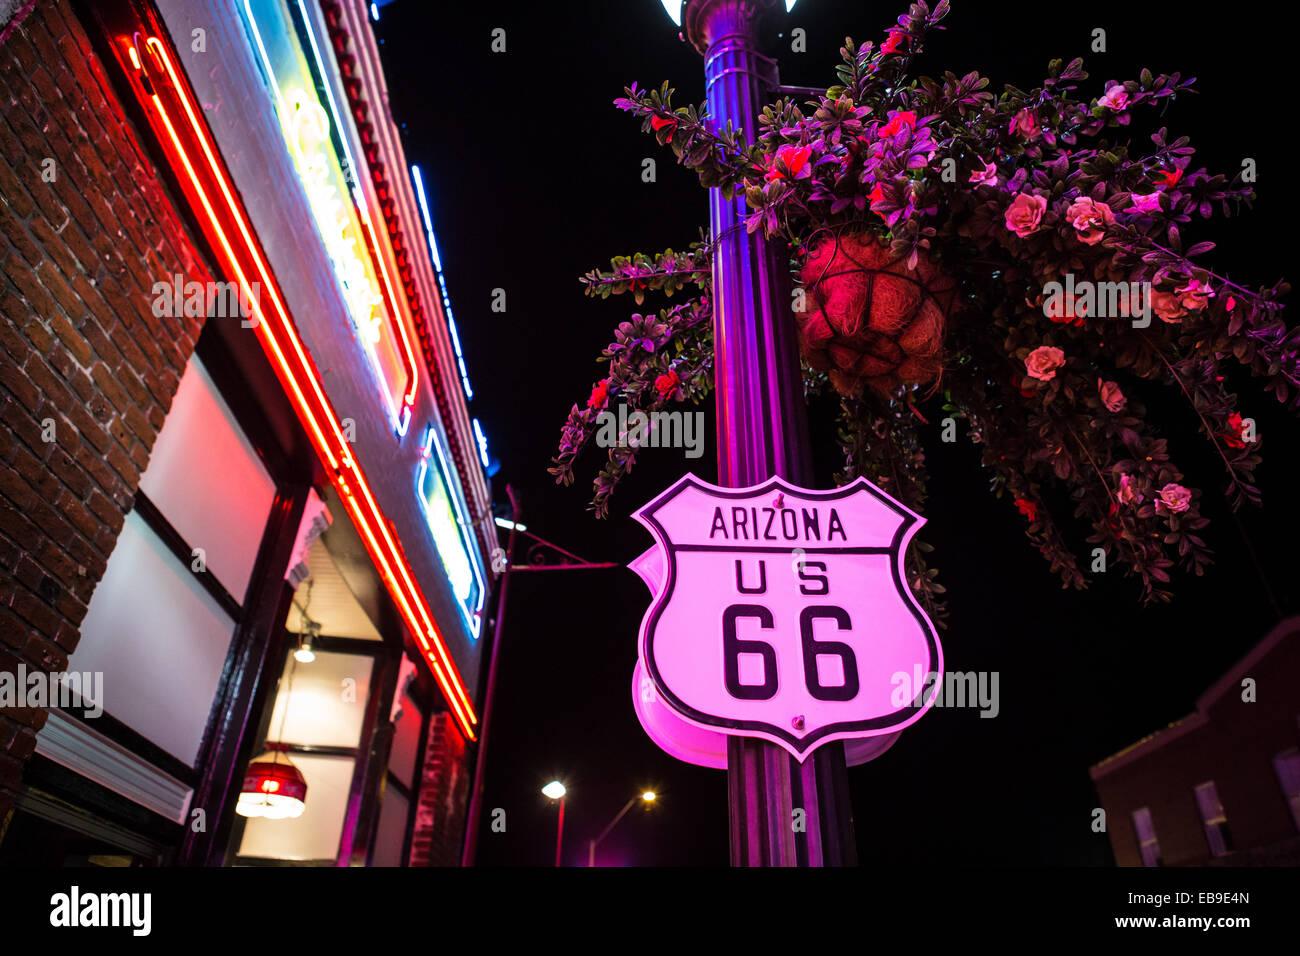 Enseignes au néon sur la célèbre route 66 dans la région de Williams Photo Stock